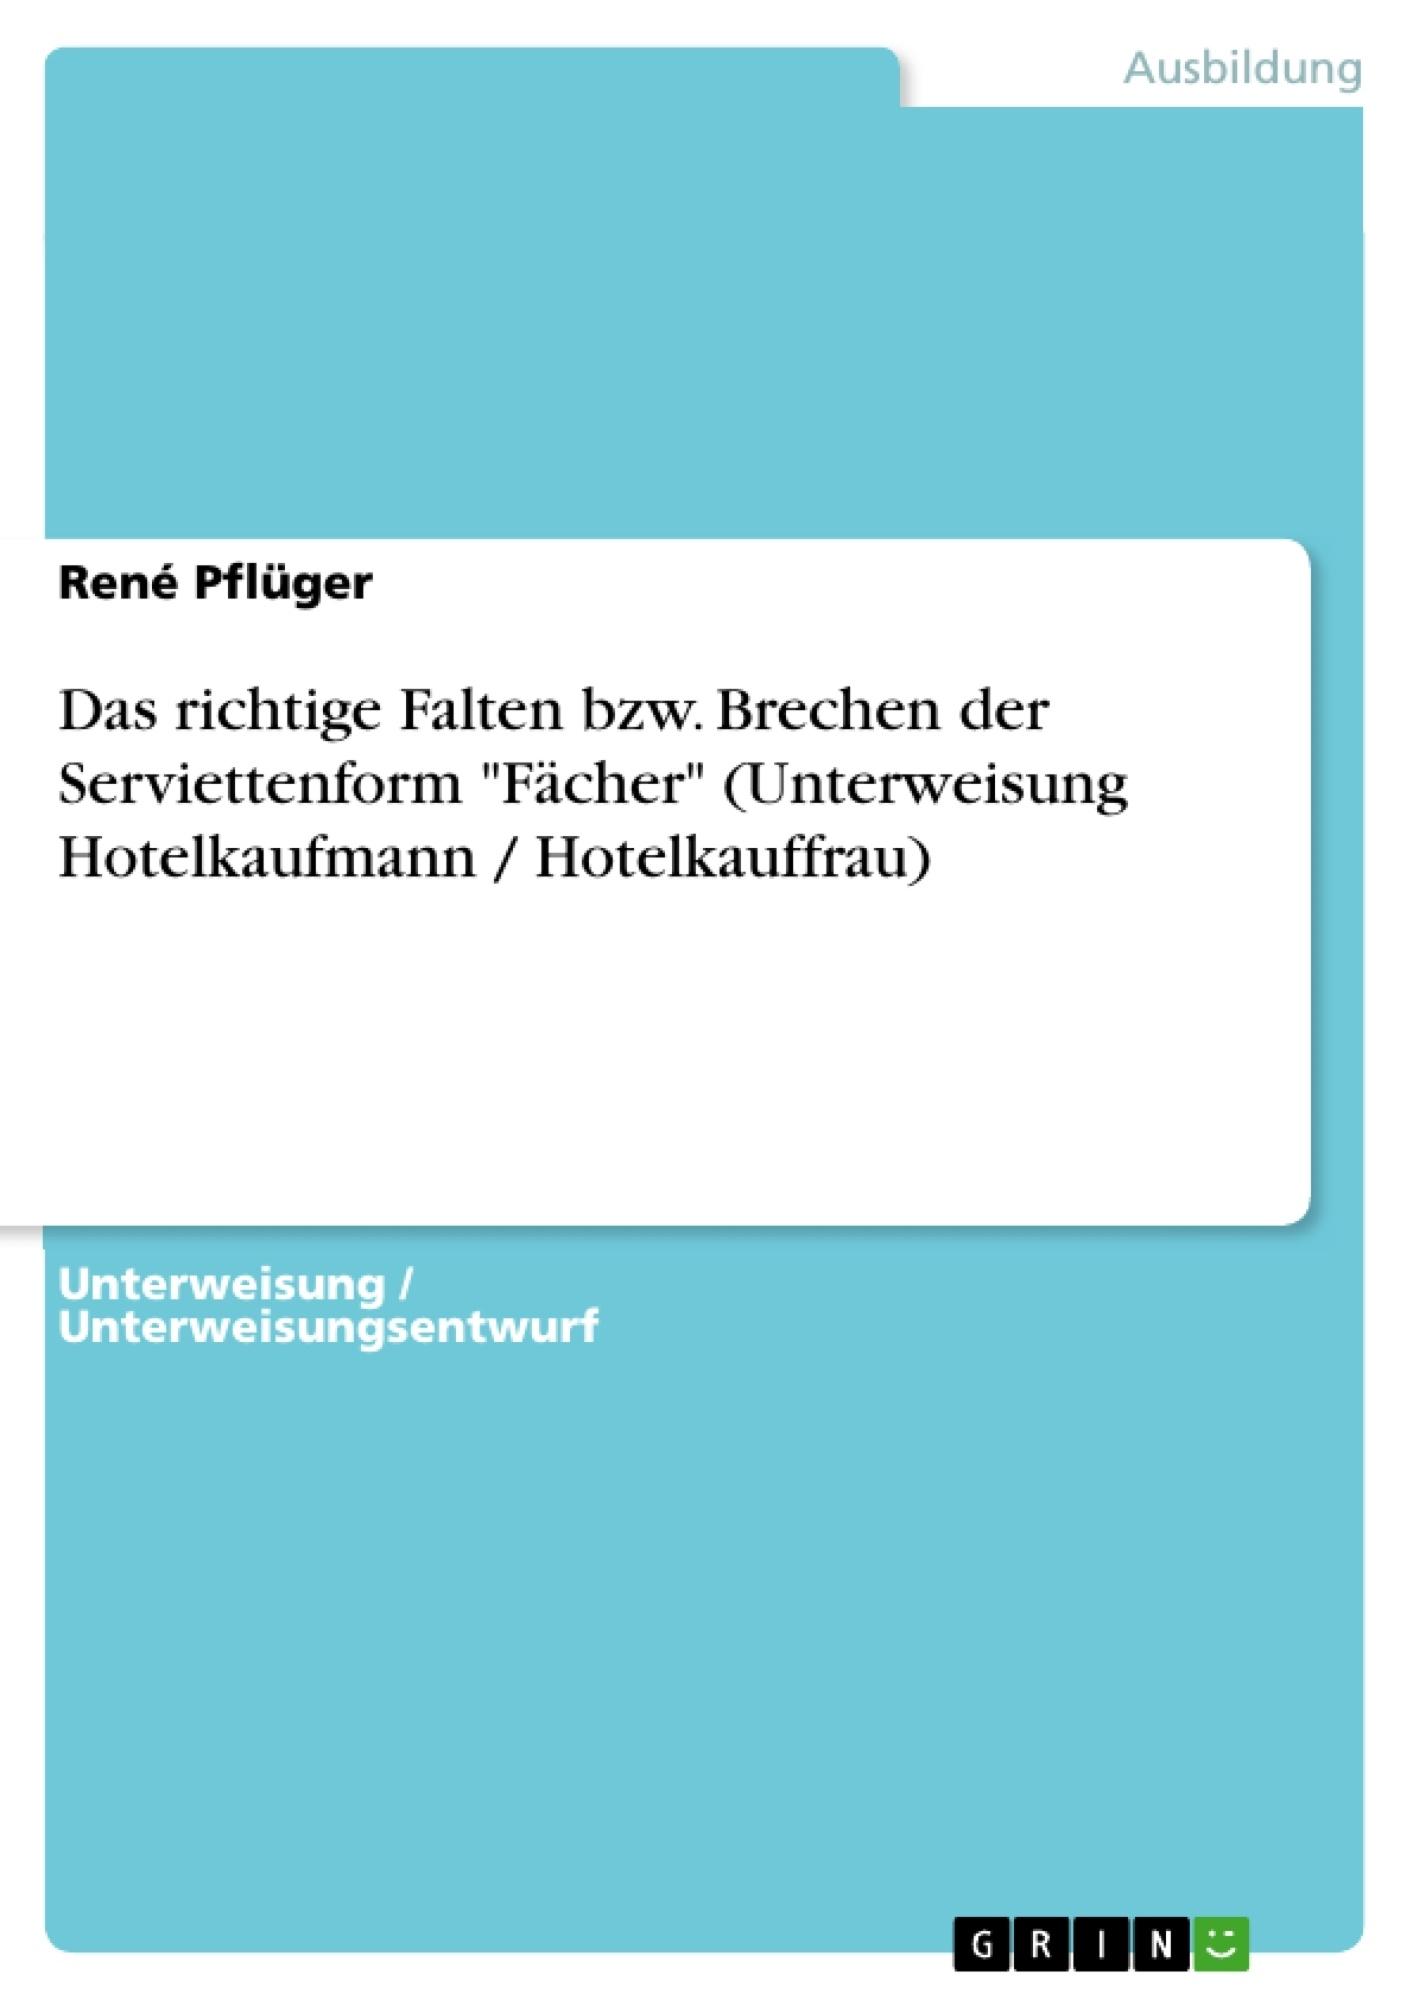 """Titel: Das richtige Falten bzw. Brechen der Serviettenform """"Fächer"""" (Unterweisung Hotelkaufmann / Hotelkauffrau)"""